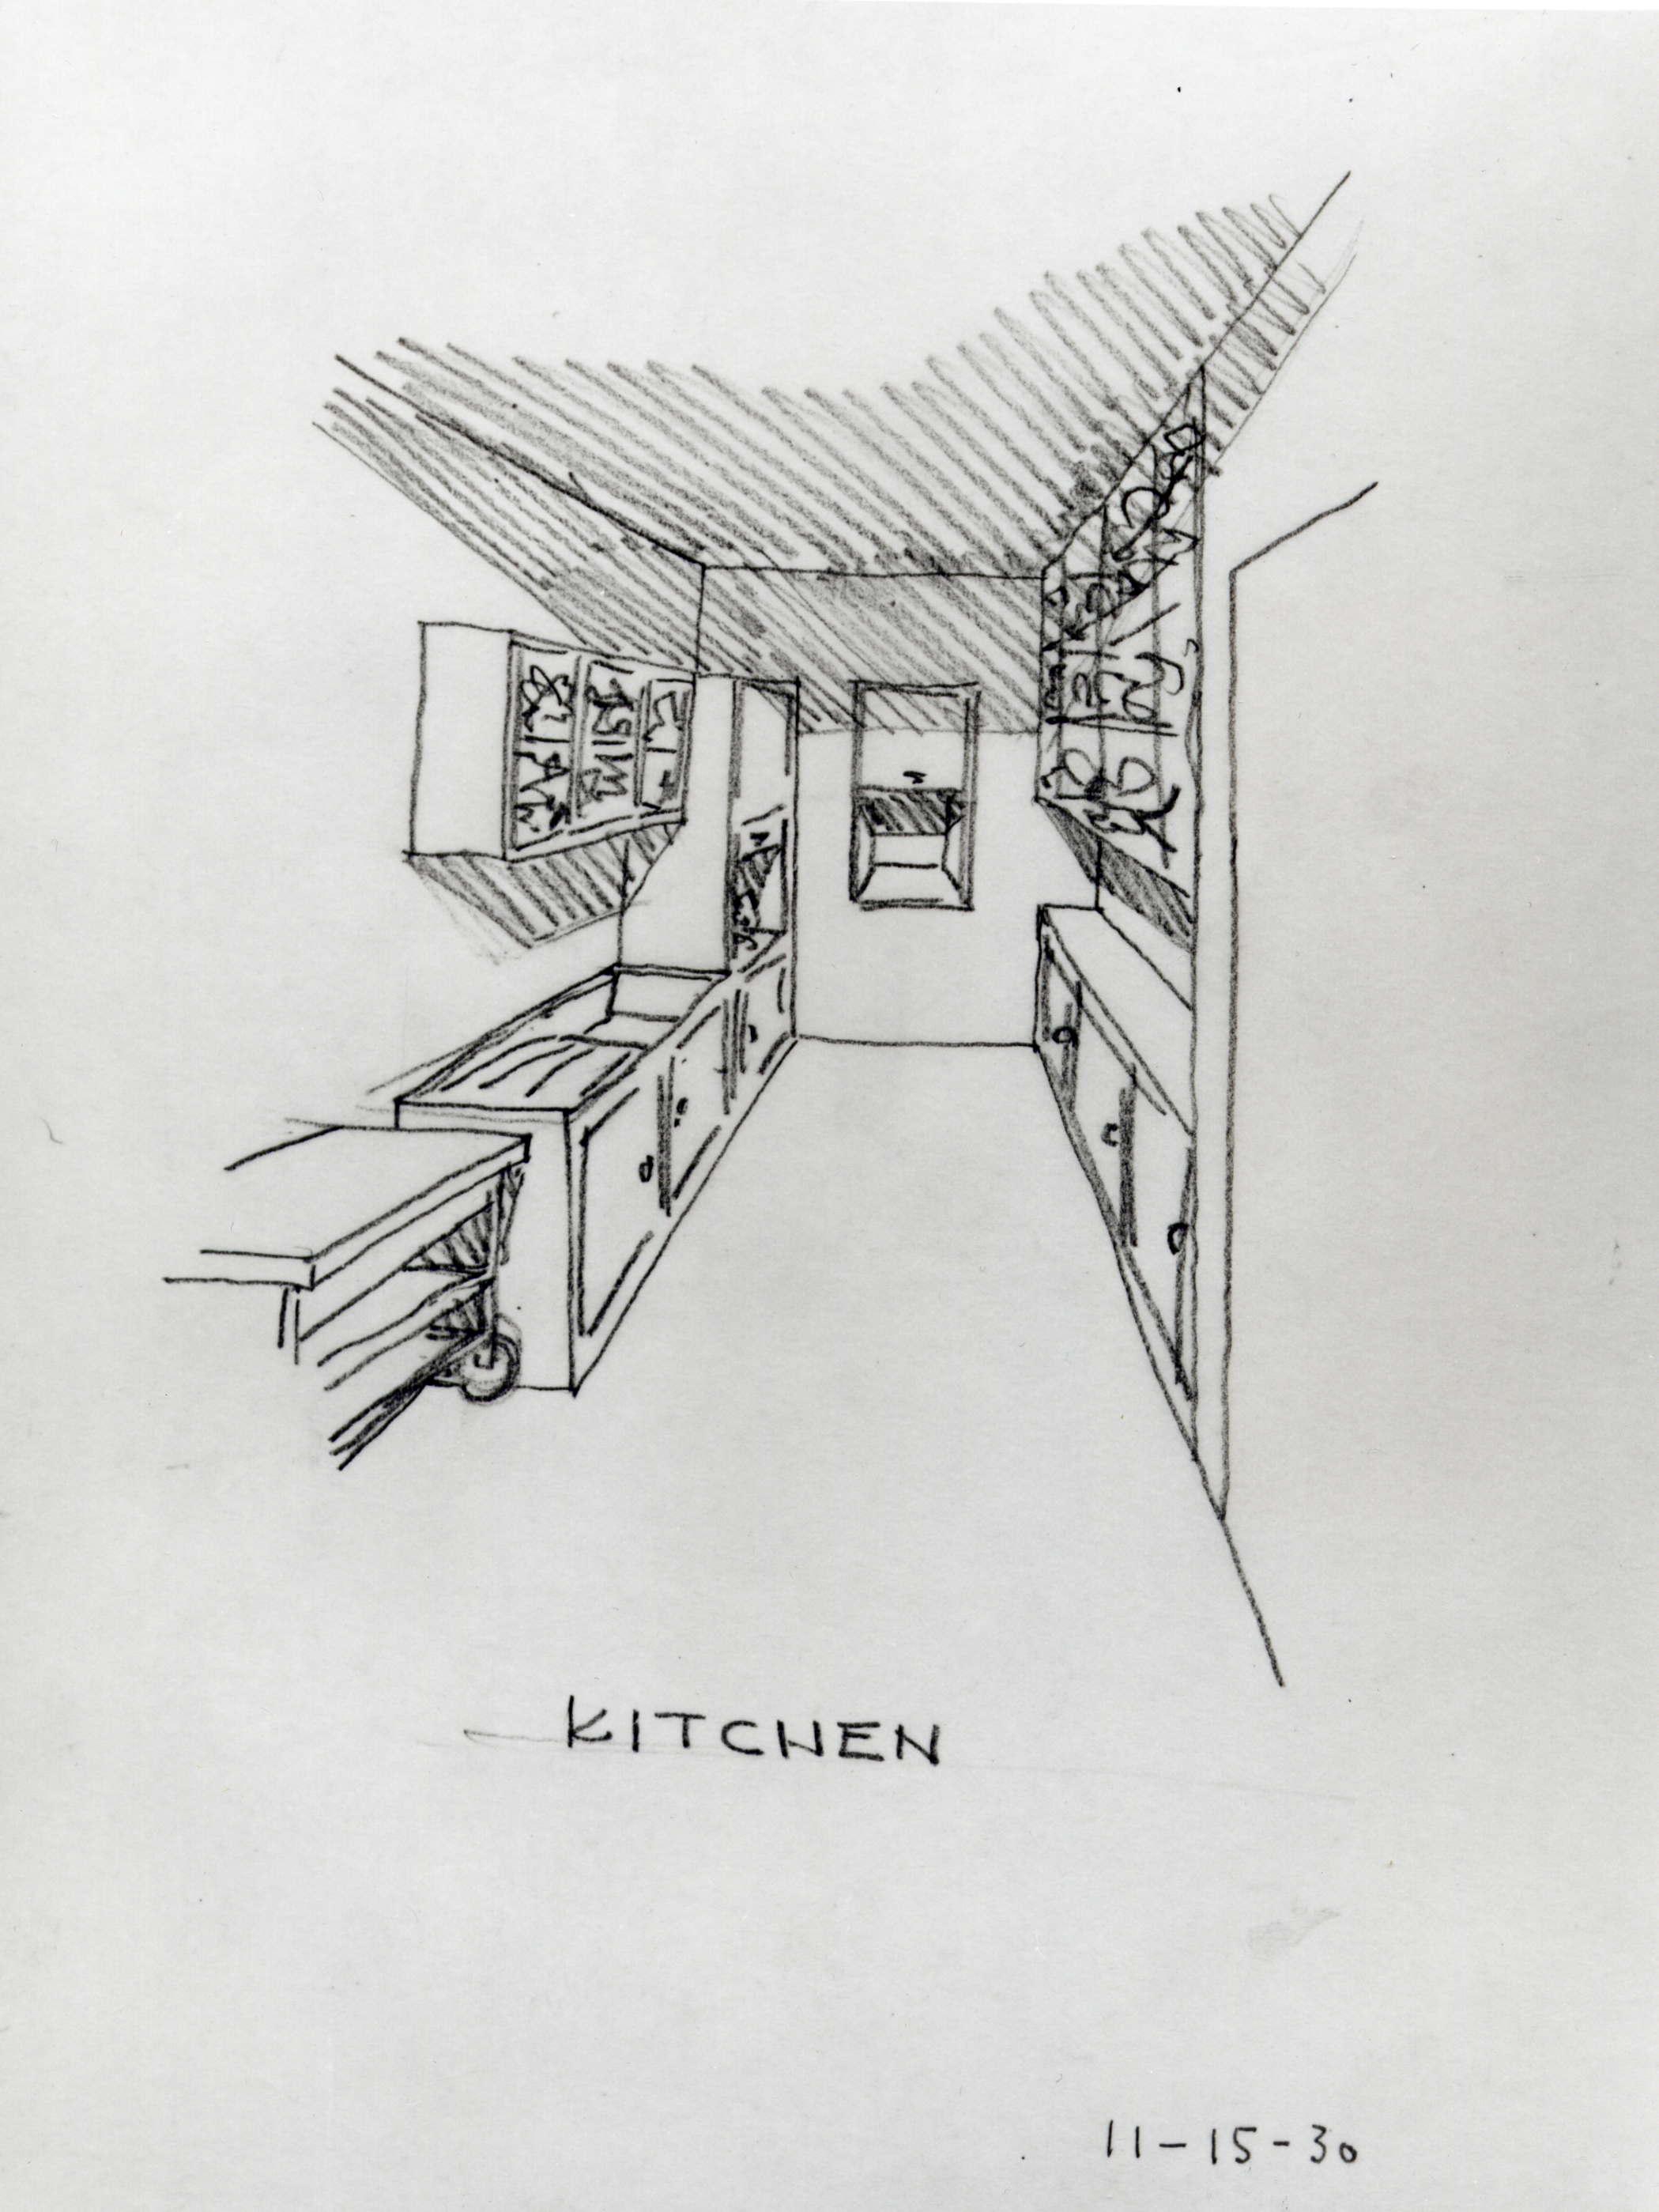 Aluminaire House Kitchen